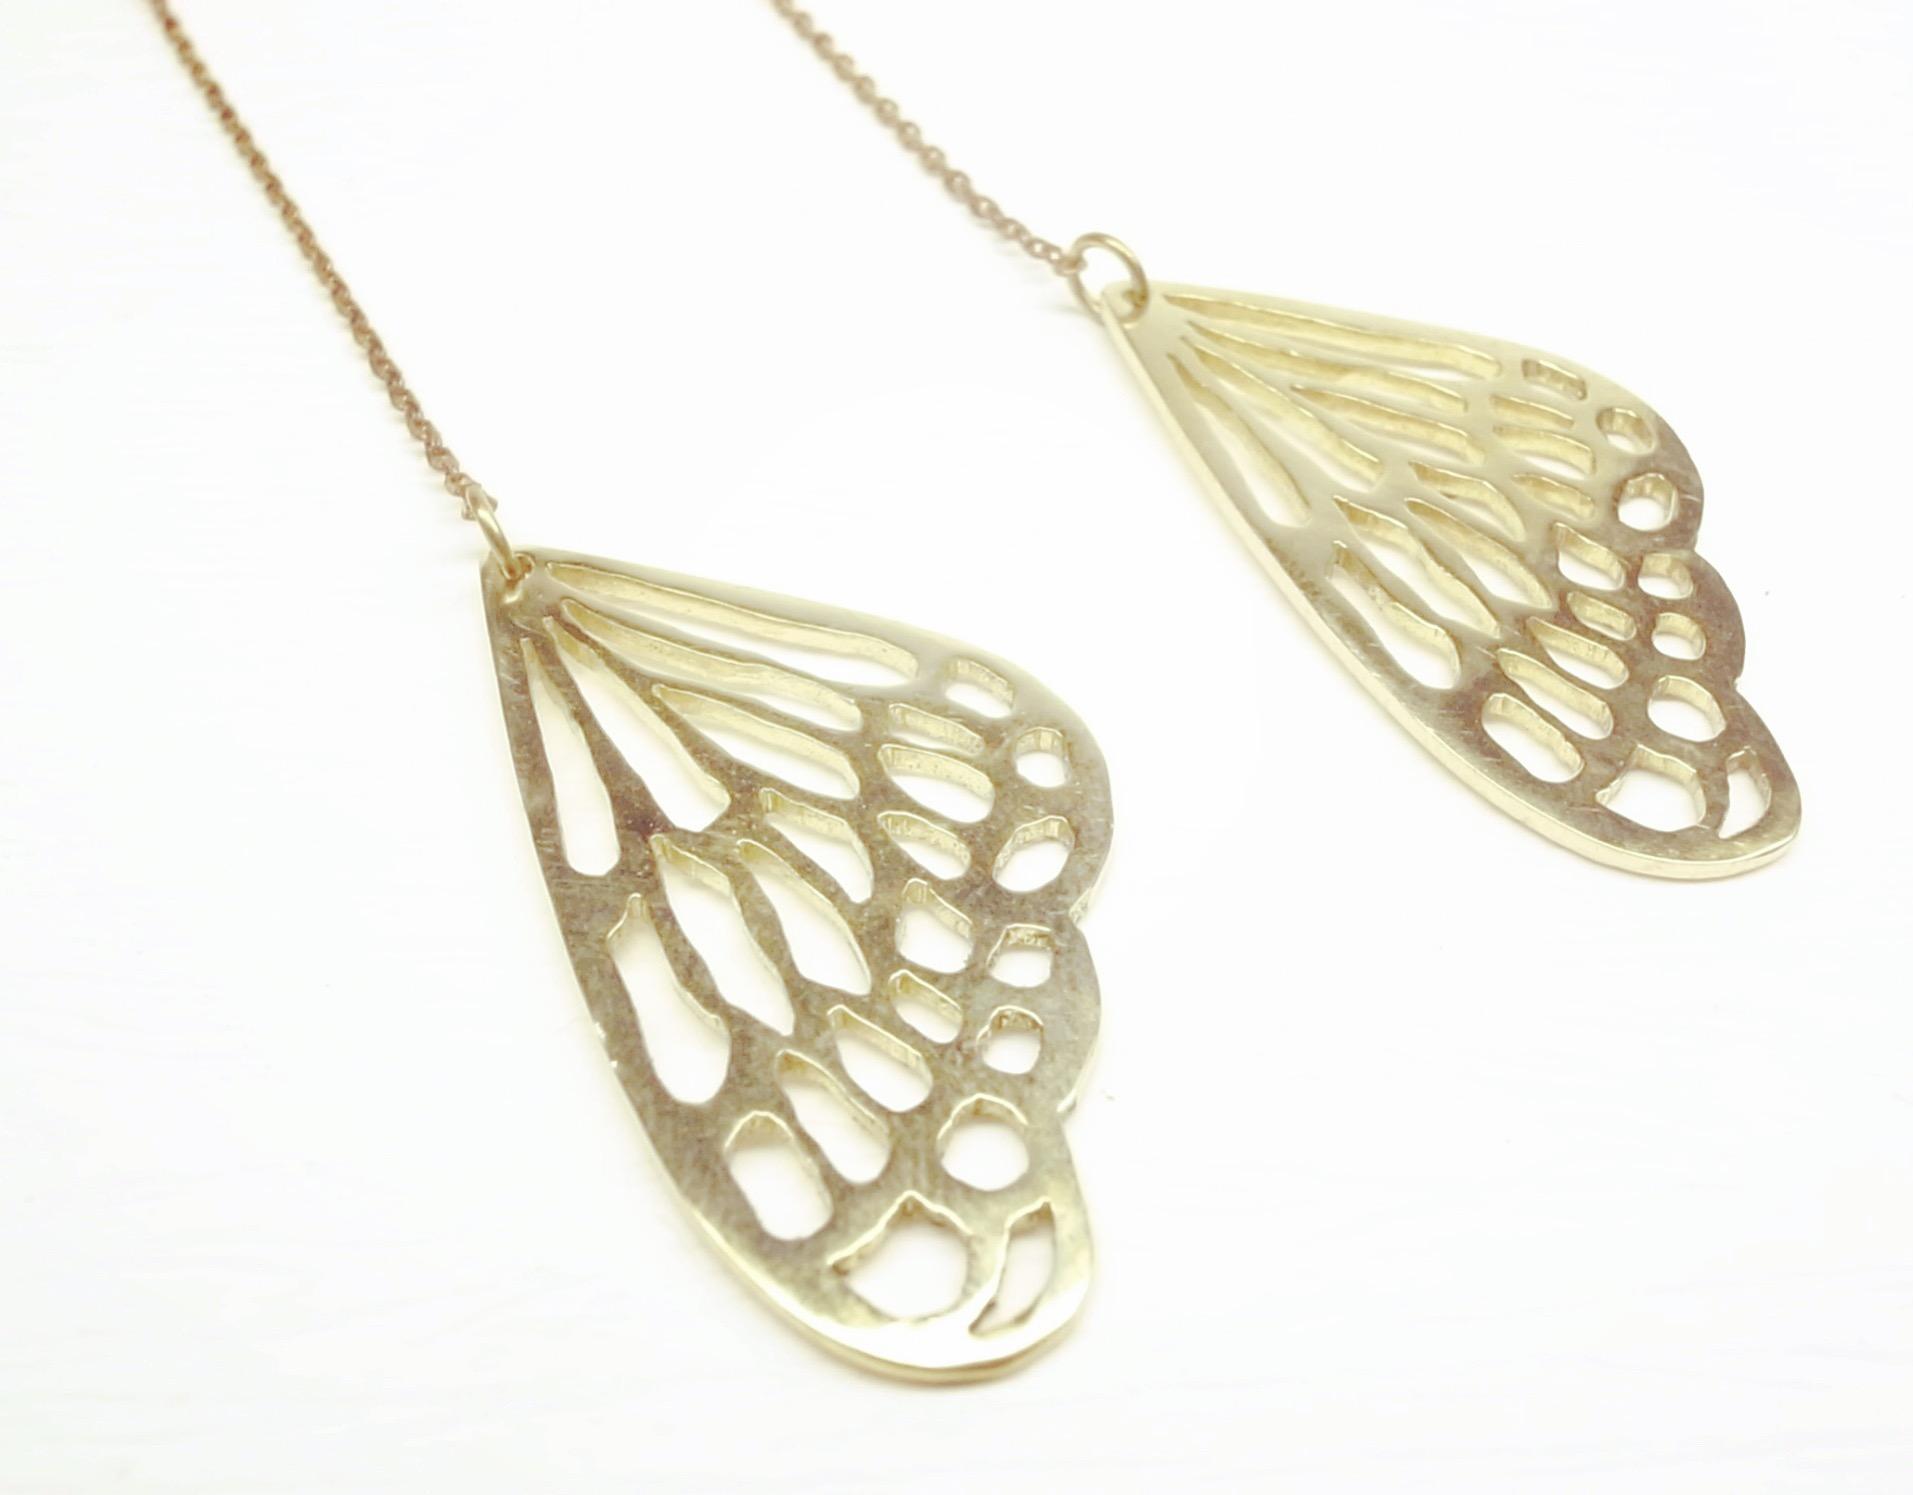 《二毛銀》【黃銅蝴蝶翅膀垂吊式耳環】(一對)